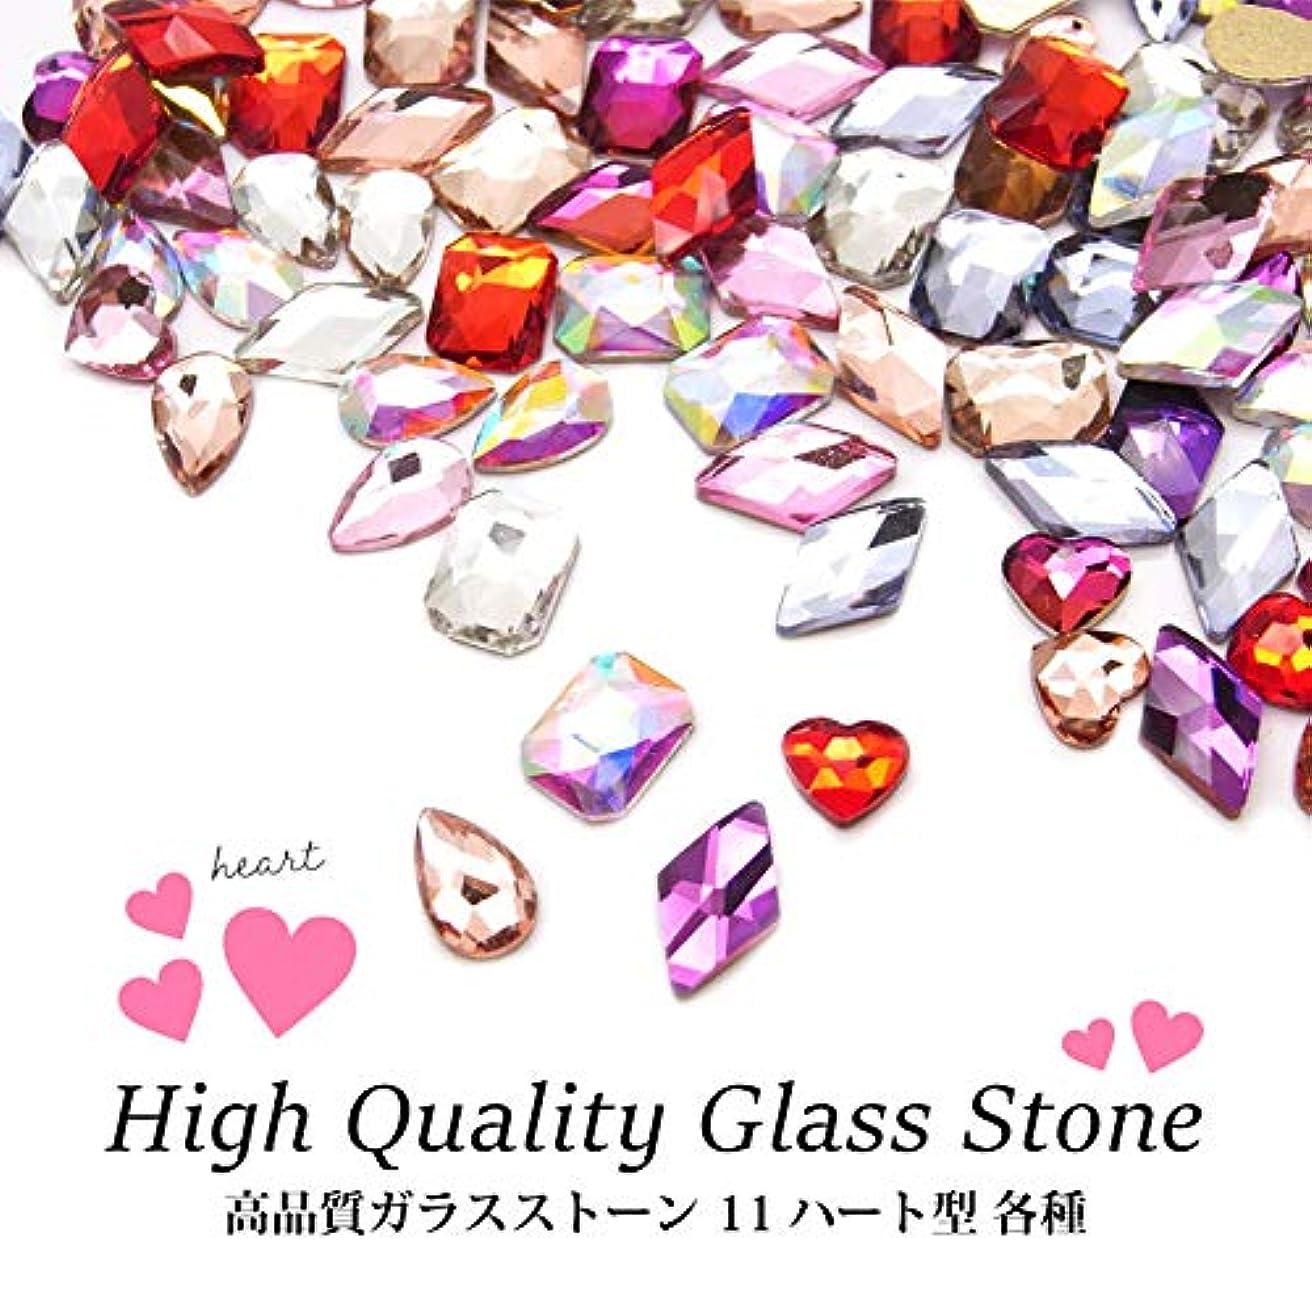 バン部族雄大な高品質ガラスストーン 11 ハート型 各種 5個入り (6.ライトローズ)